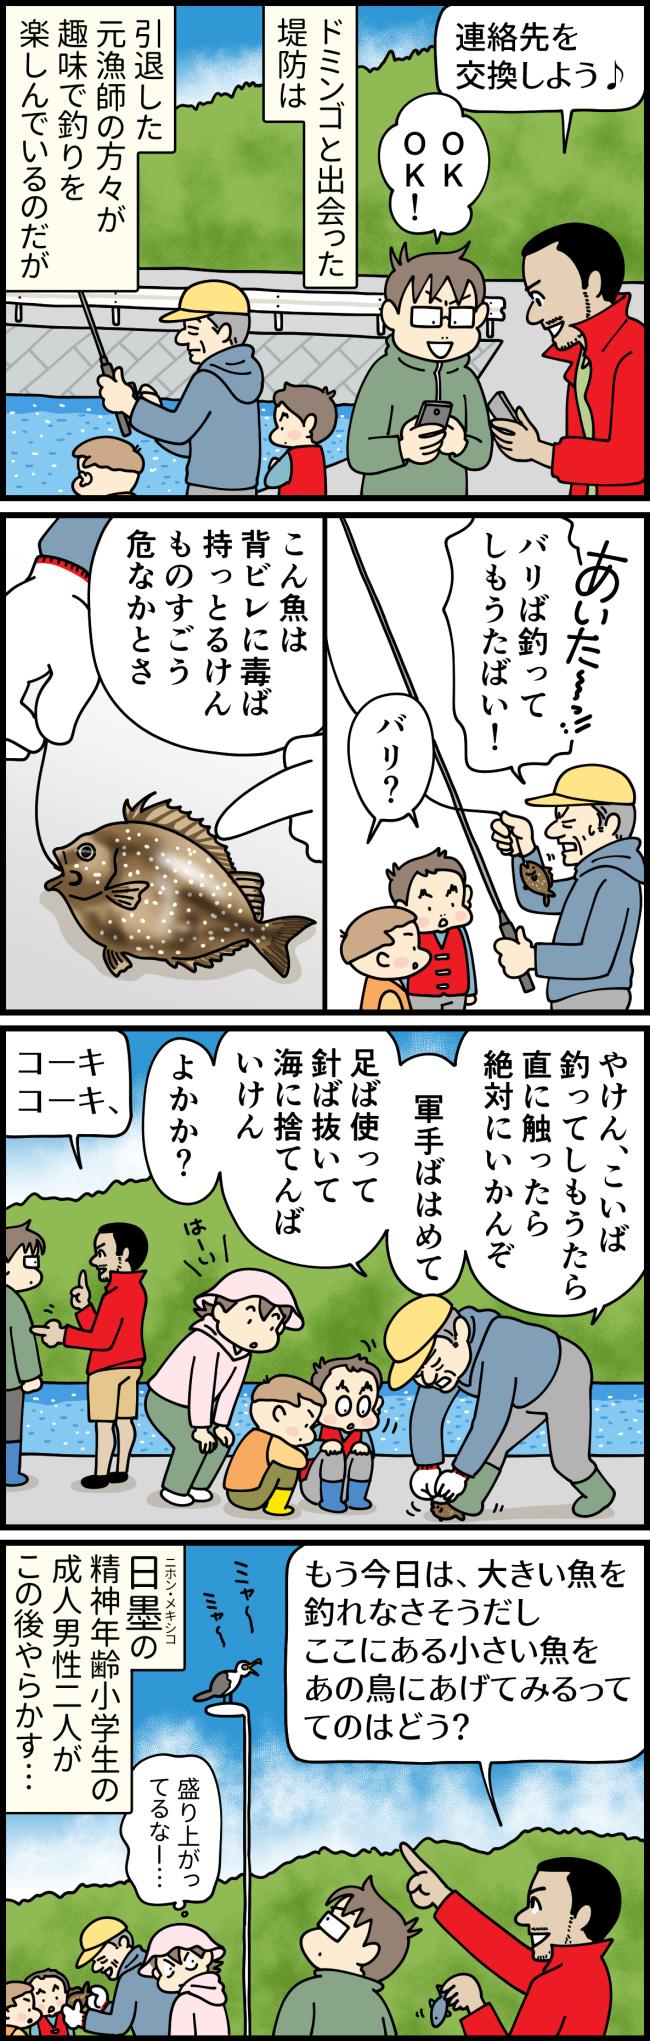 佐世保ではバリと呼ばれるアイゴという背びれに毒を持つ魚を釣り上げ、その処理の仕方を大原由軌子と長男タケ、次男レイに教える元漁師さん